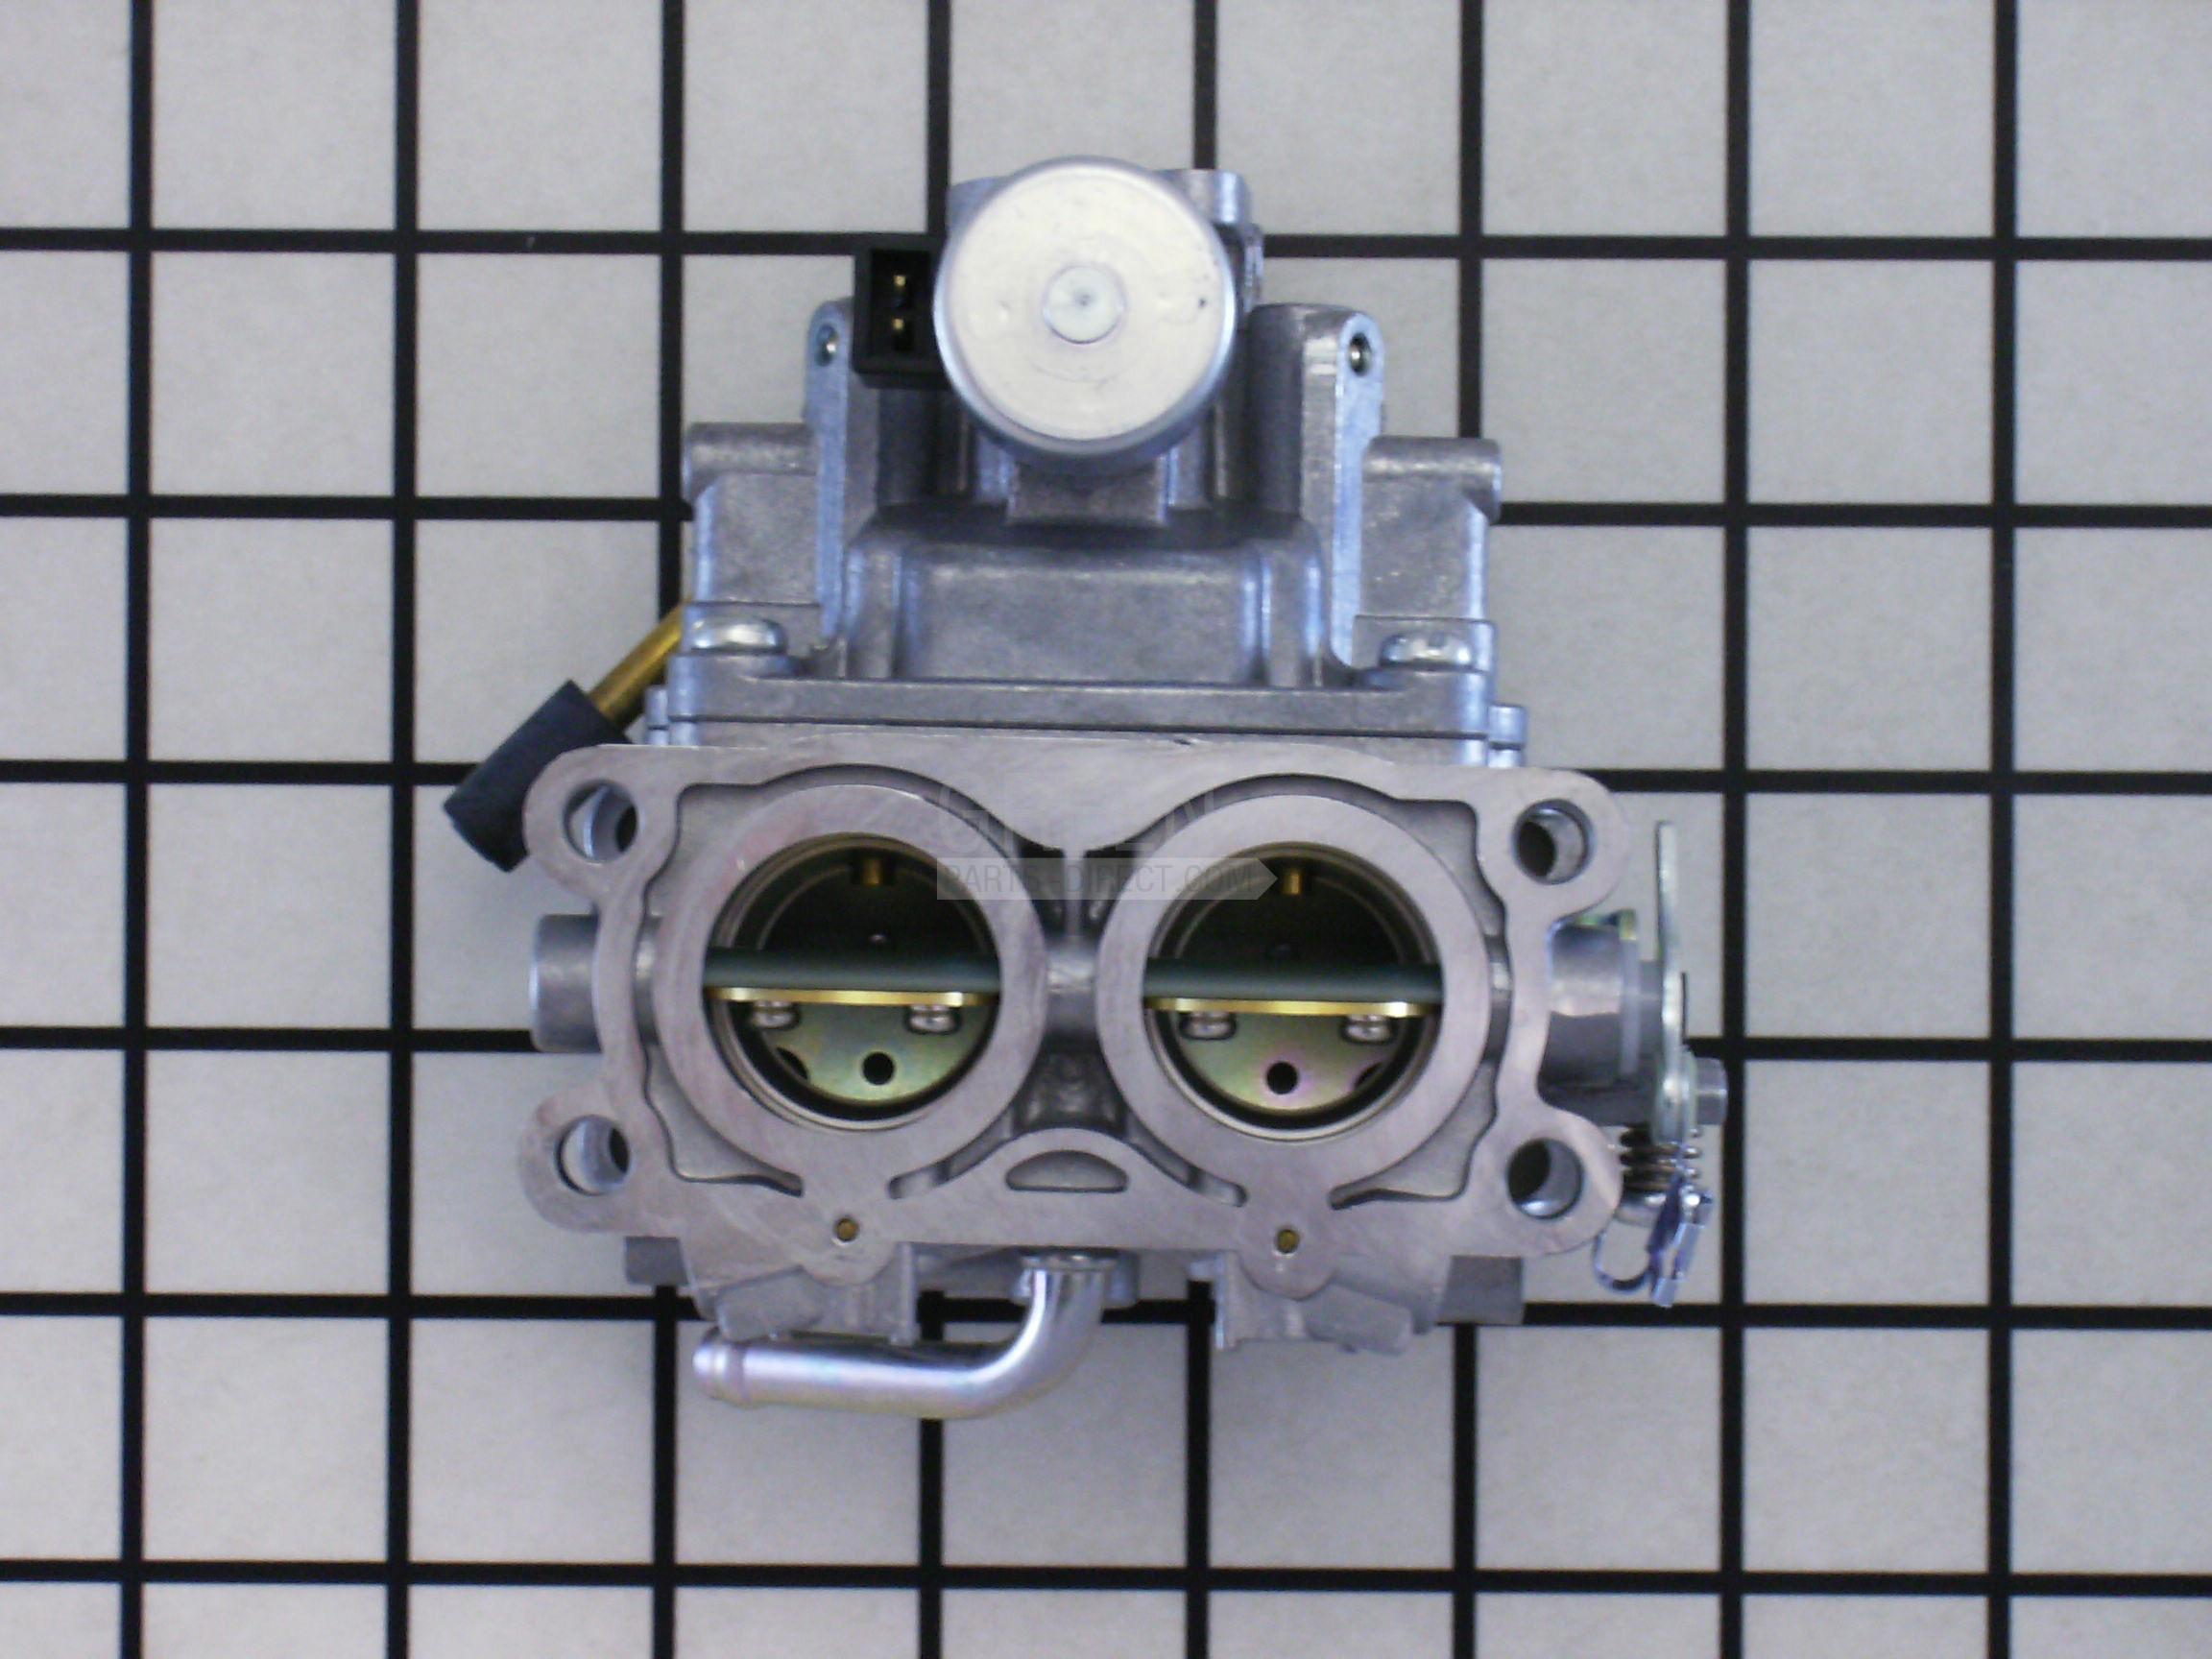 Carburetor Diagram Parts List For Model 3037771032a1 Briggsstratton